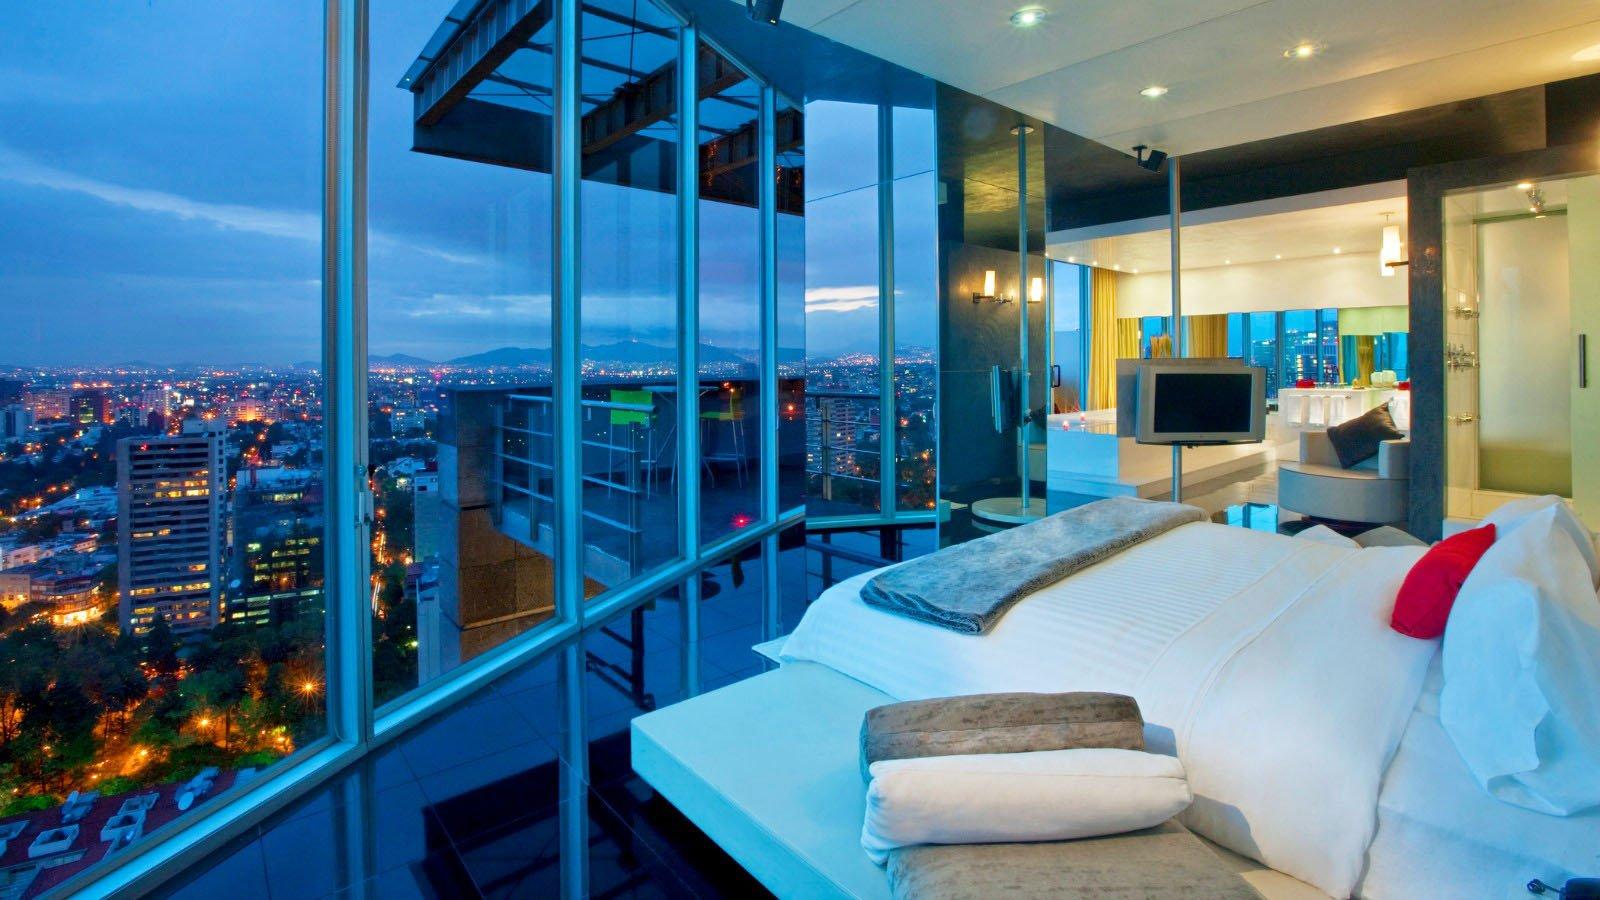 Habitaci n del w mexico city con vistas privilegiadas - Piscina dentro de la habitacion ...